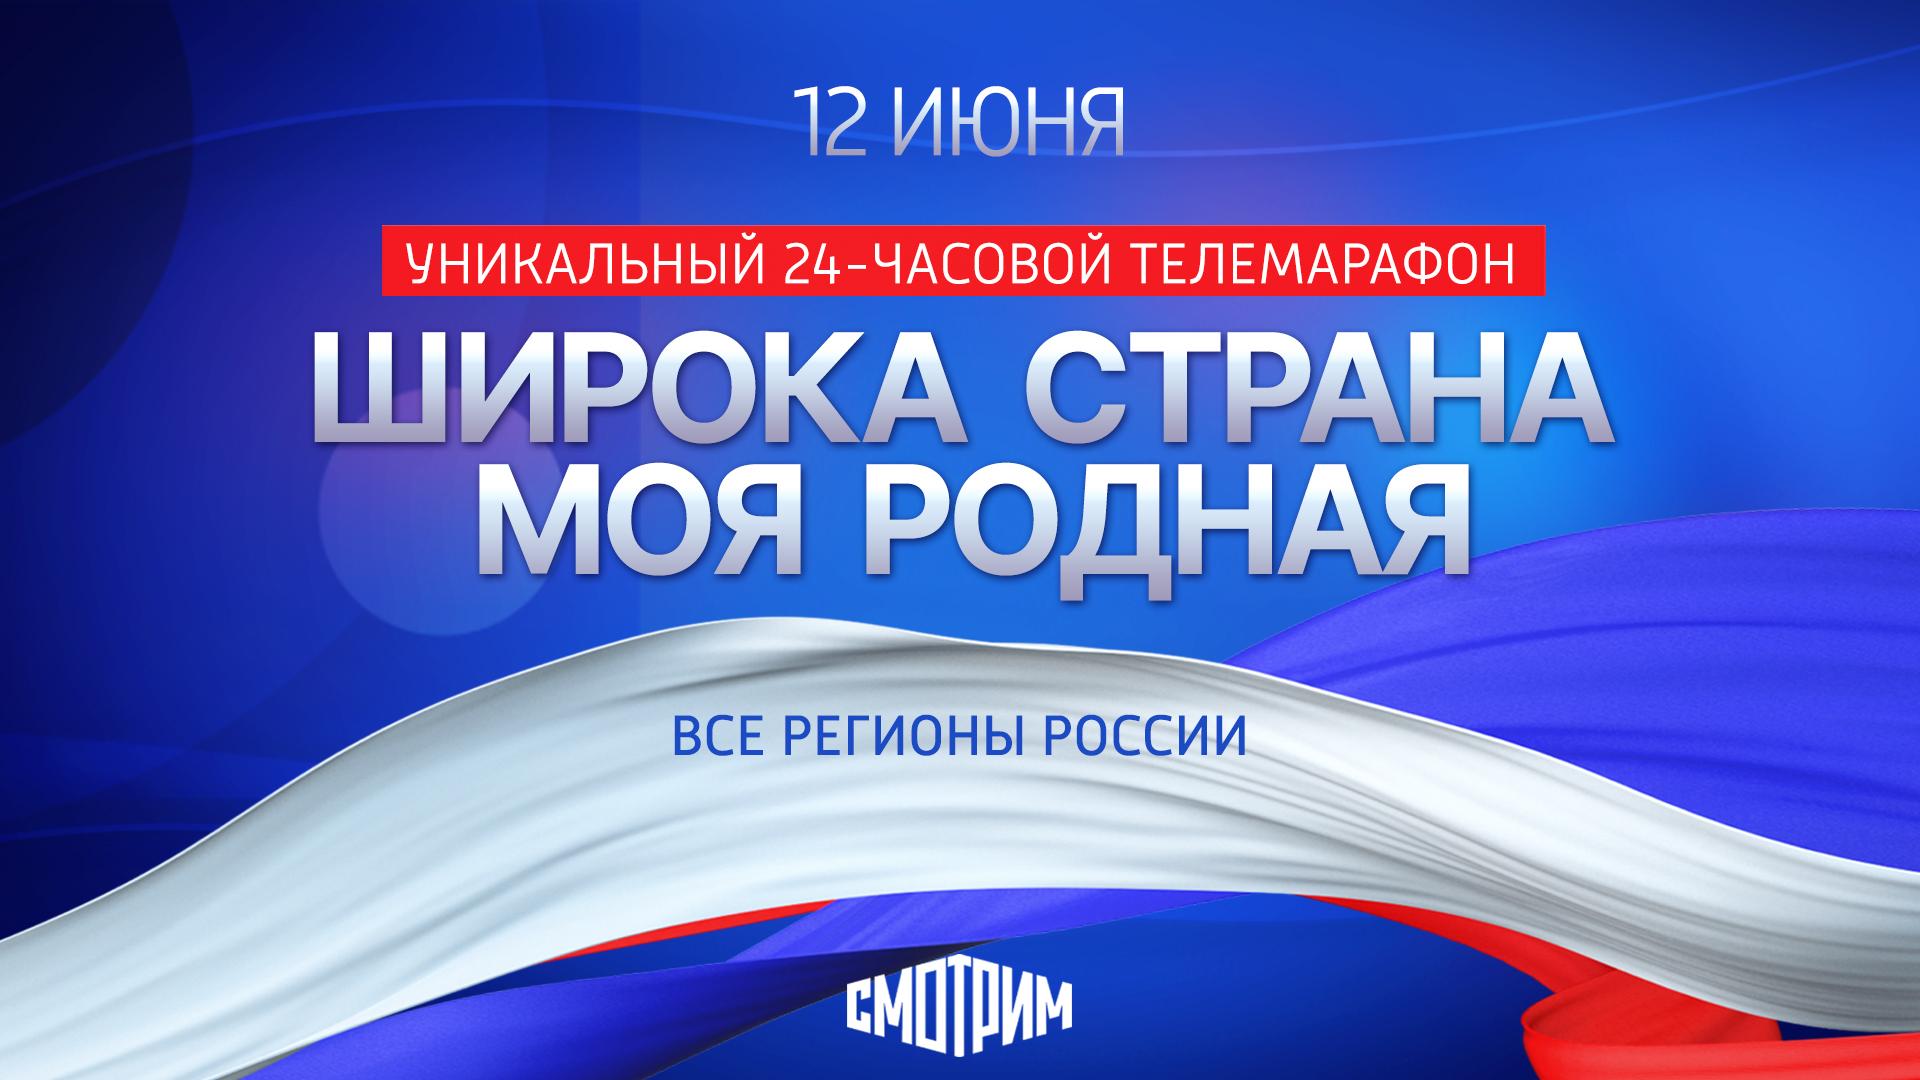 Онлайн-марафон «Широка страна моя родная…», приуроченный к празднованию Дня России